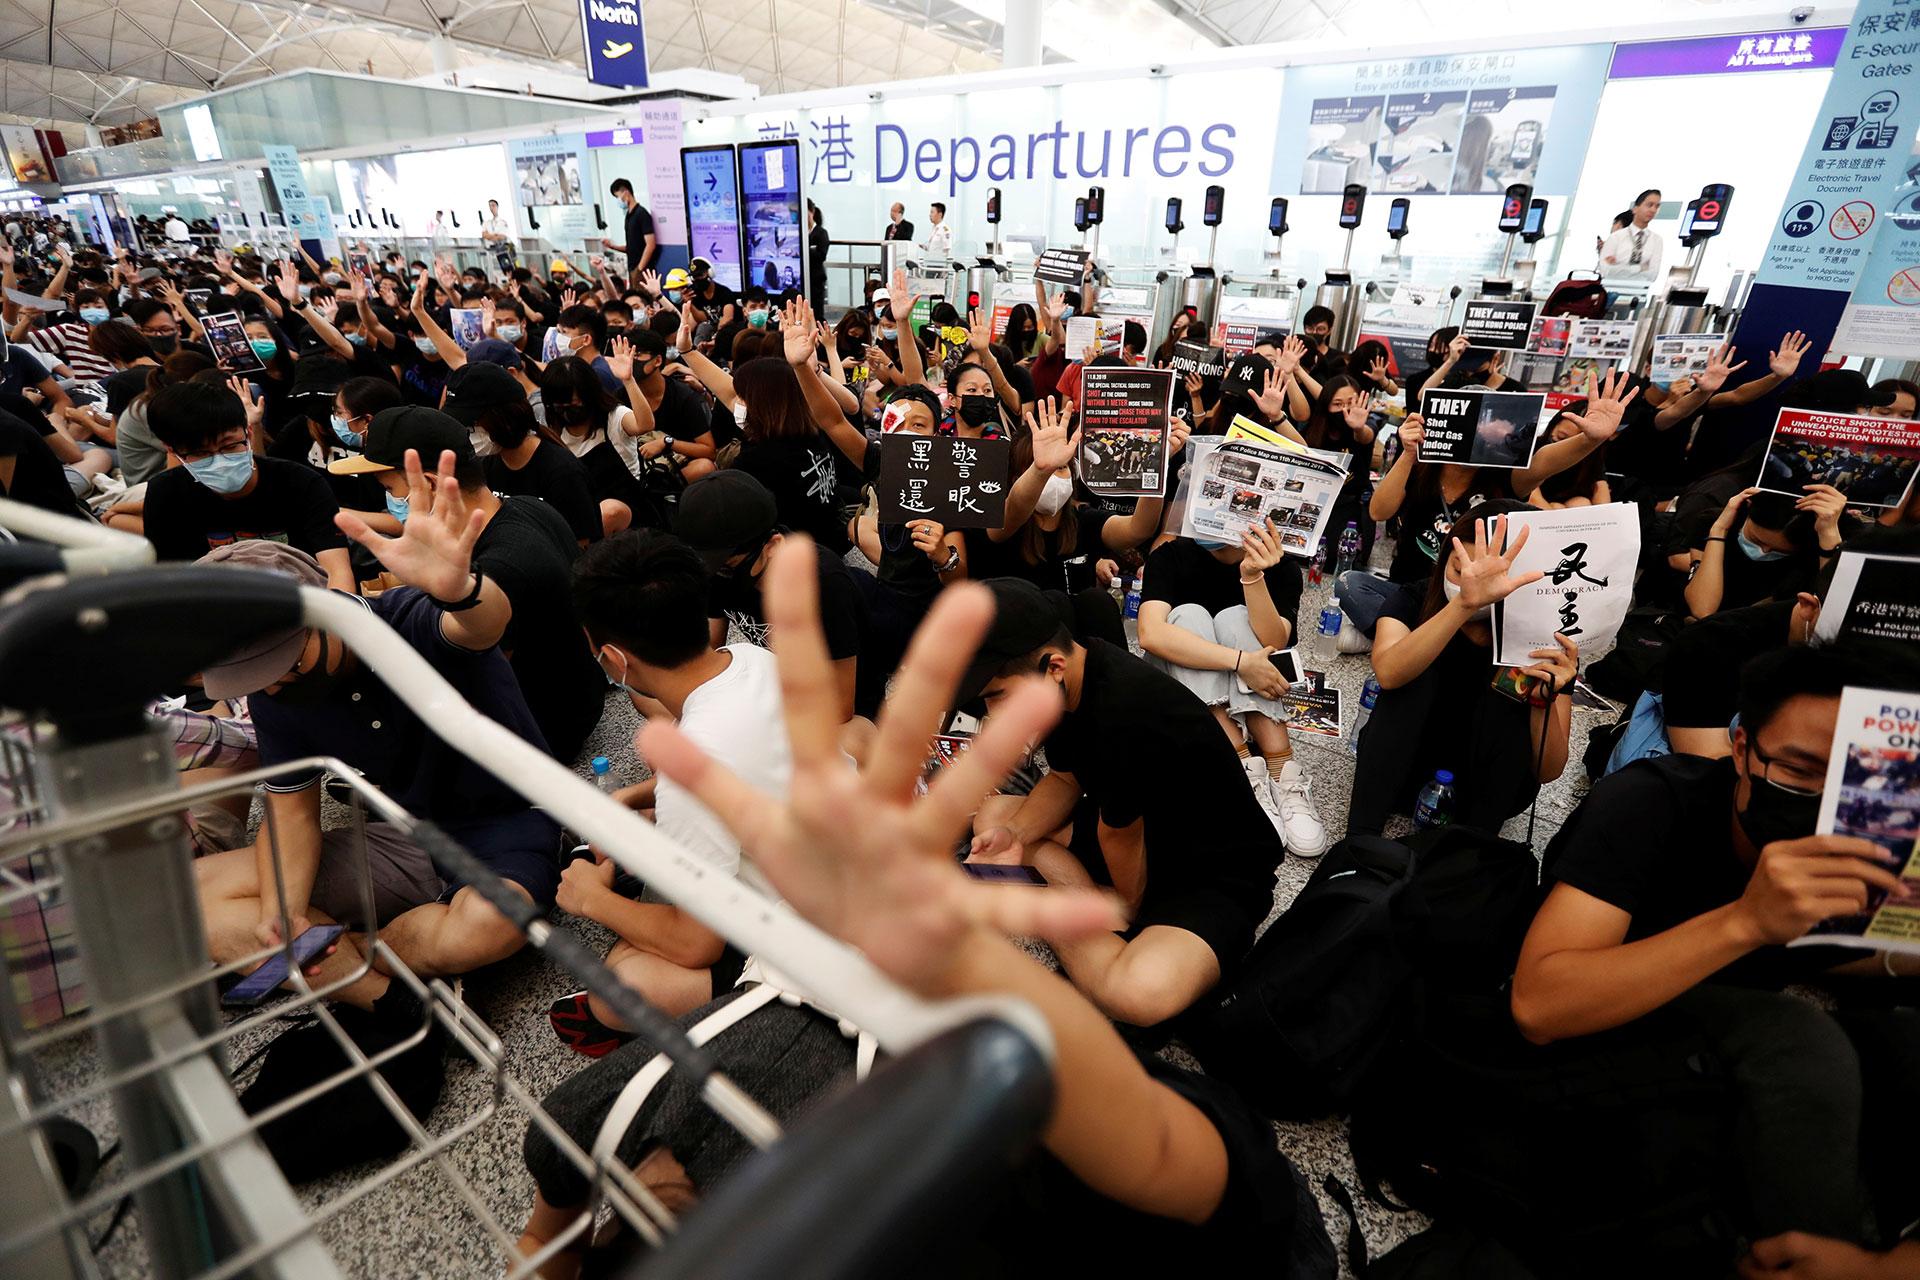 Los manifestantes antigubernamentales celebran después del anuncio de que todas las operaciones aeroportuarias fueron suspendidas debido a las protestas(REUTERS/Issei Kato).